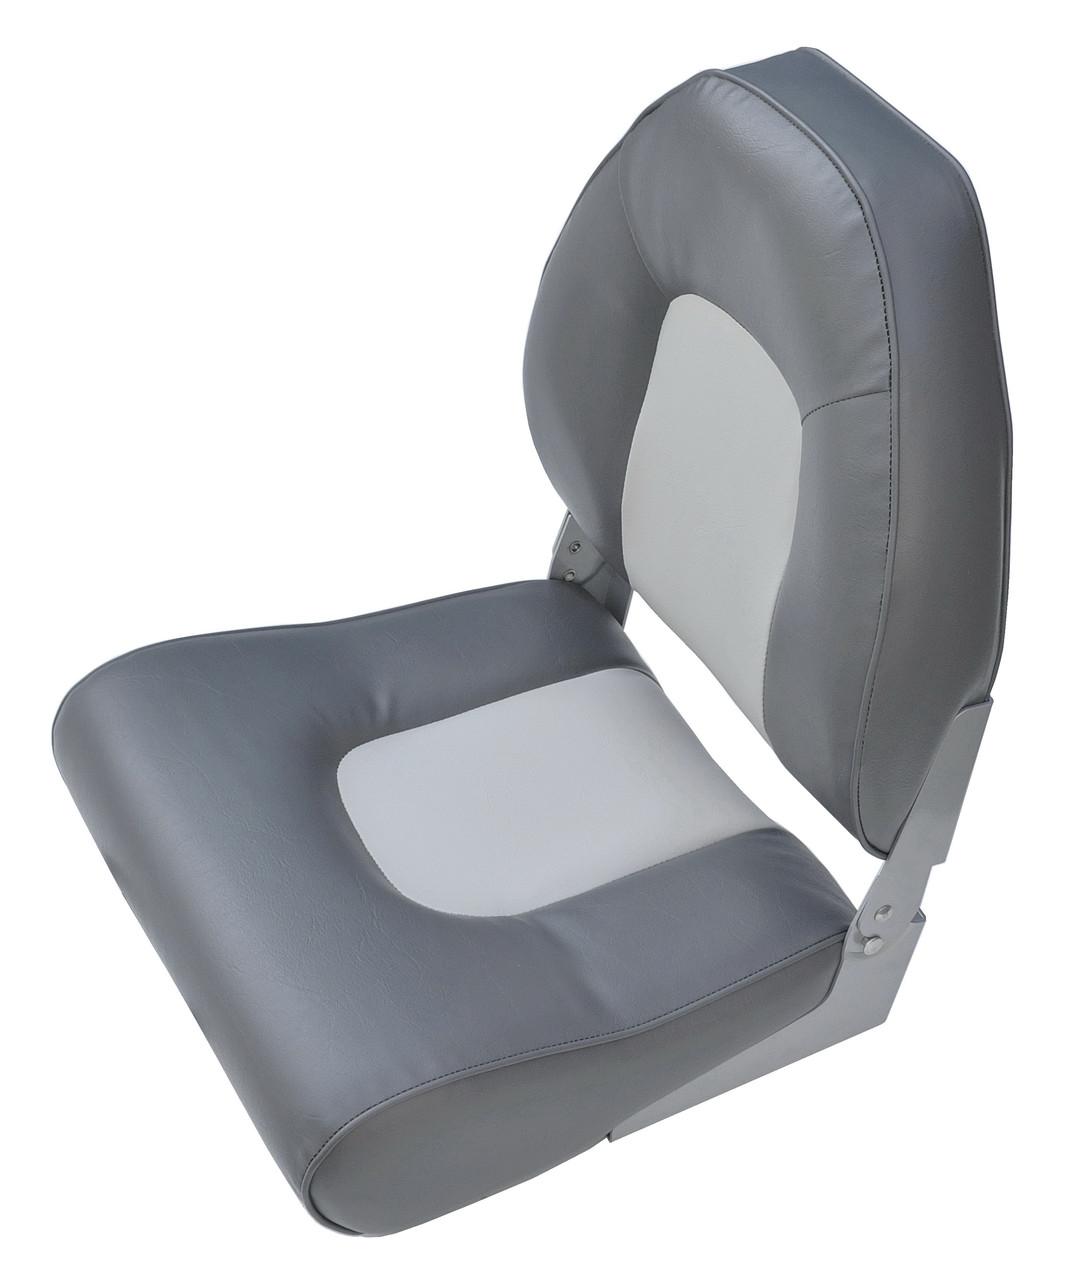 Сидіння для човни, катери складне 75116GC High Back сіро-вугільне